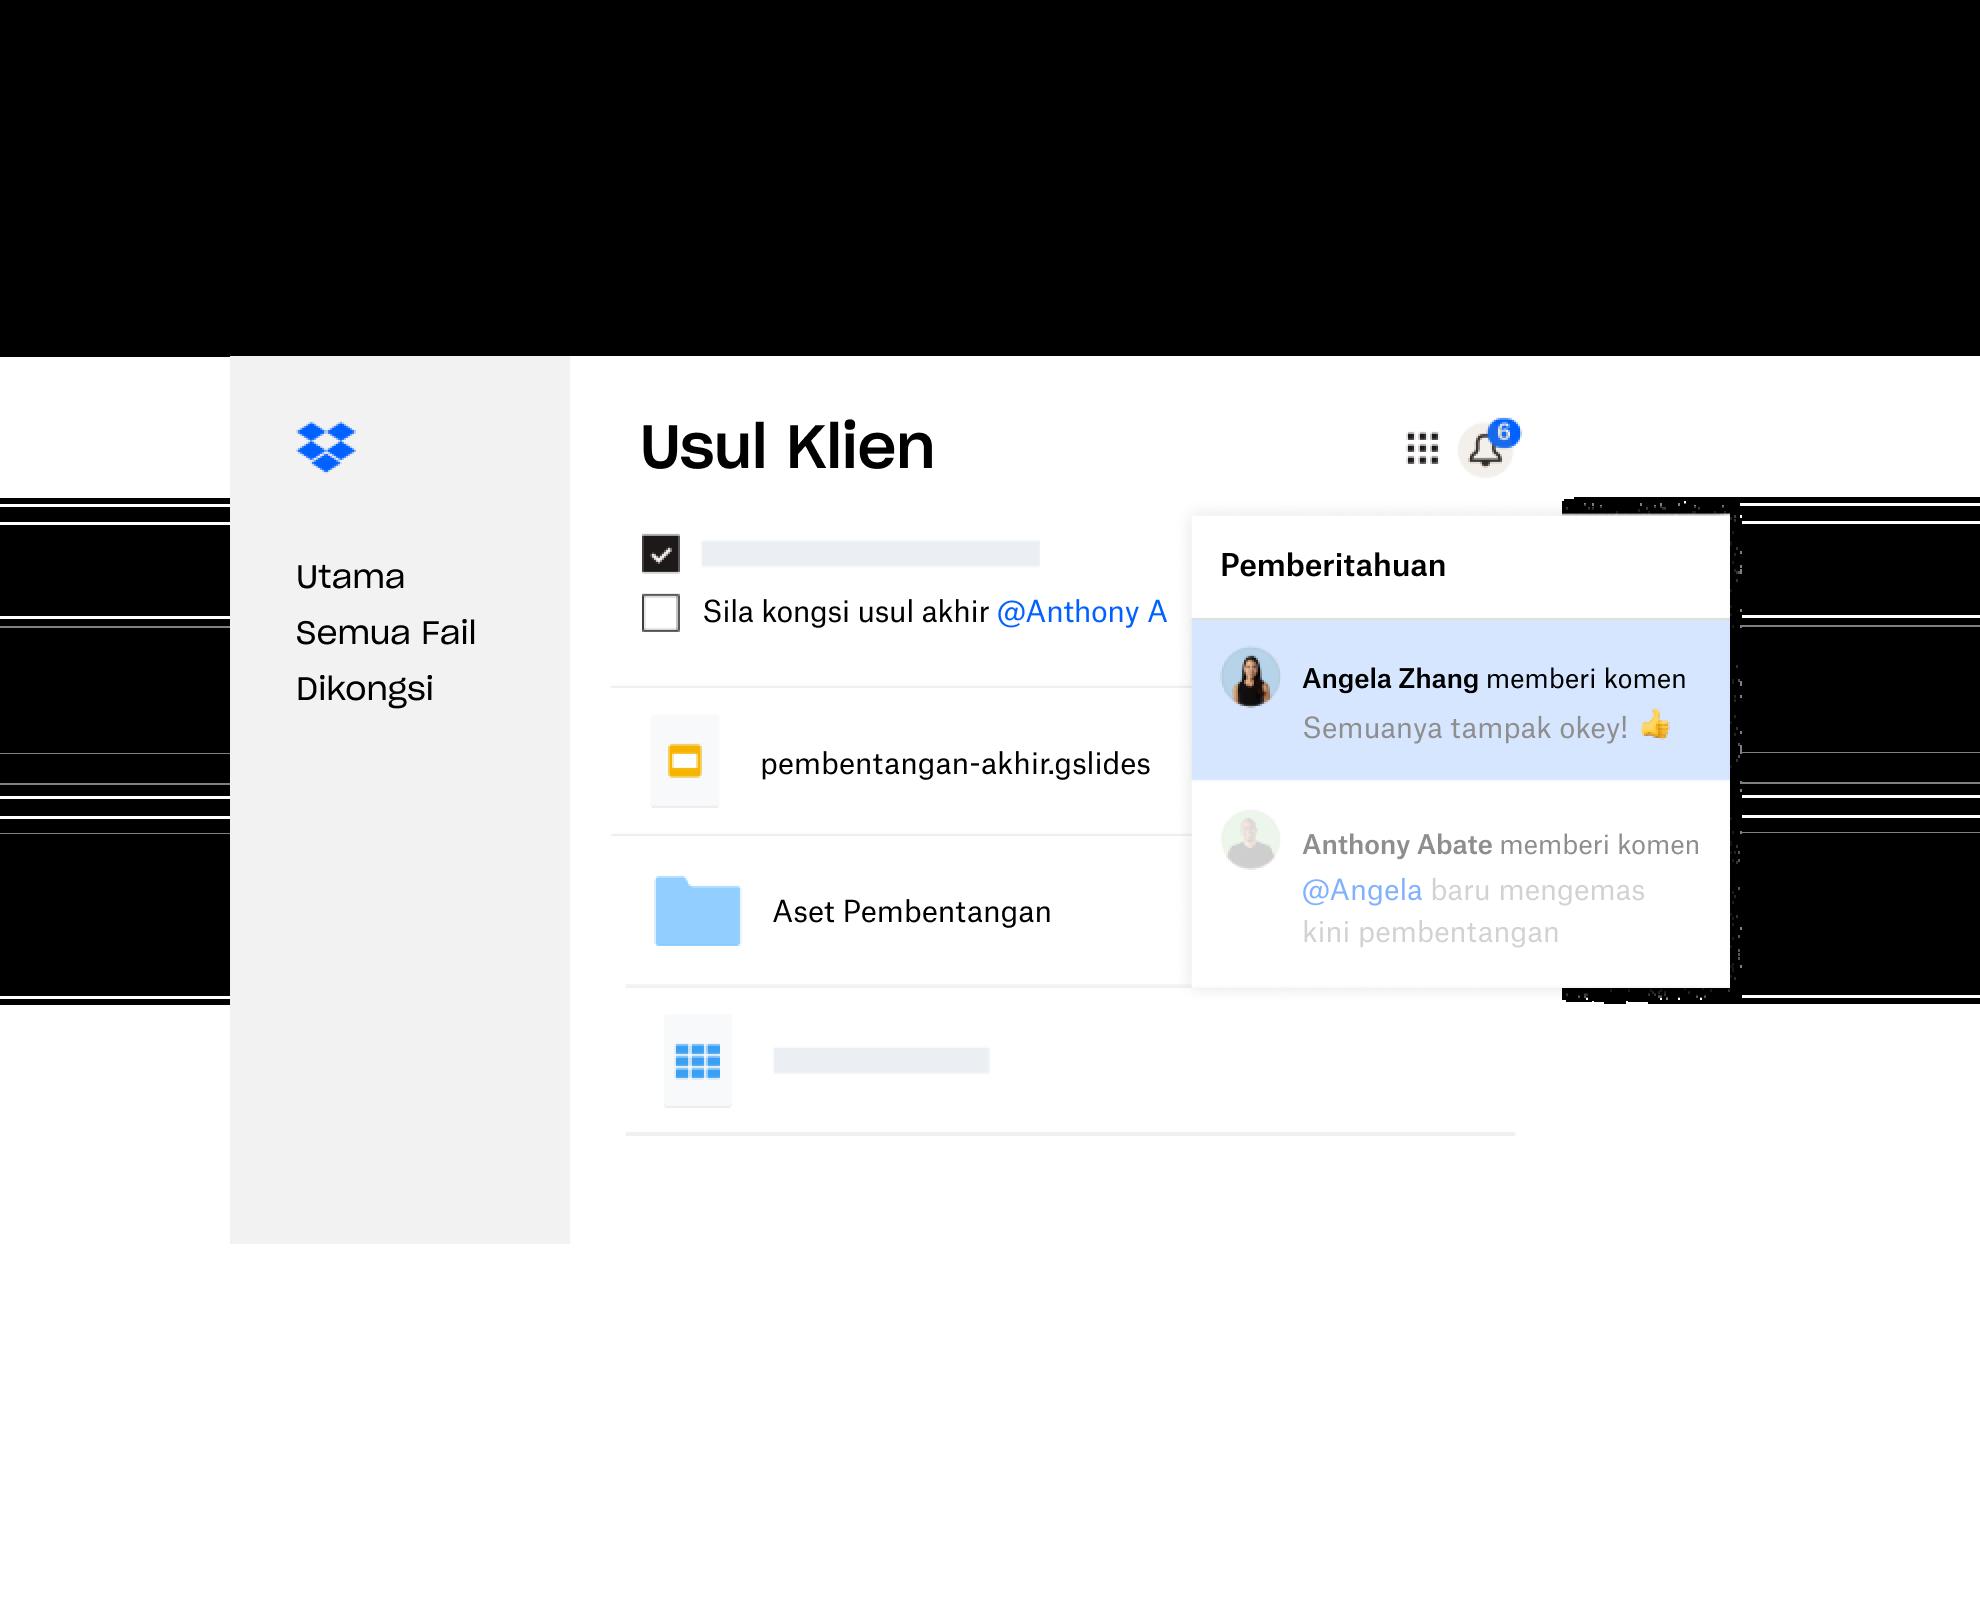 Usul klien yang dicipta dalam Dropbox dikongsi dengan berbilang pengguna yang memberikan maklum balas